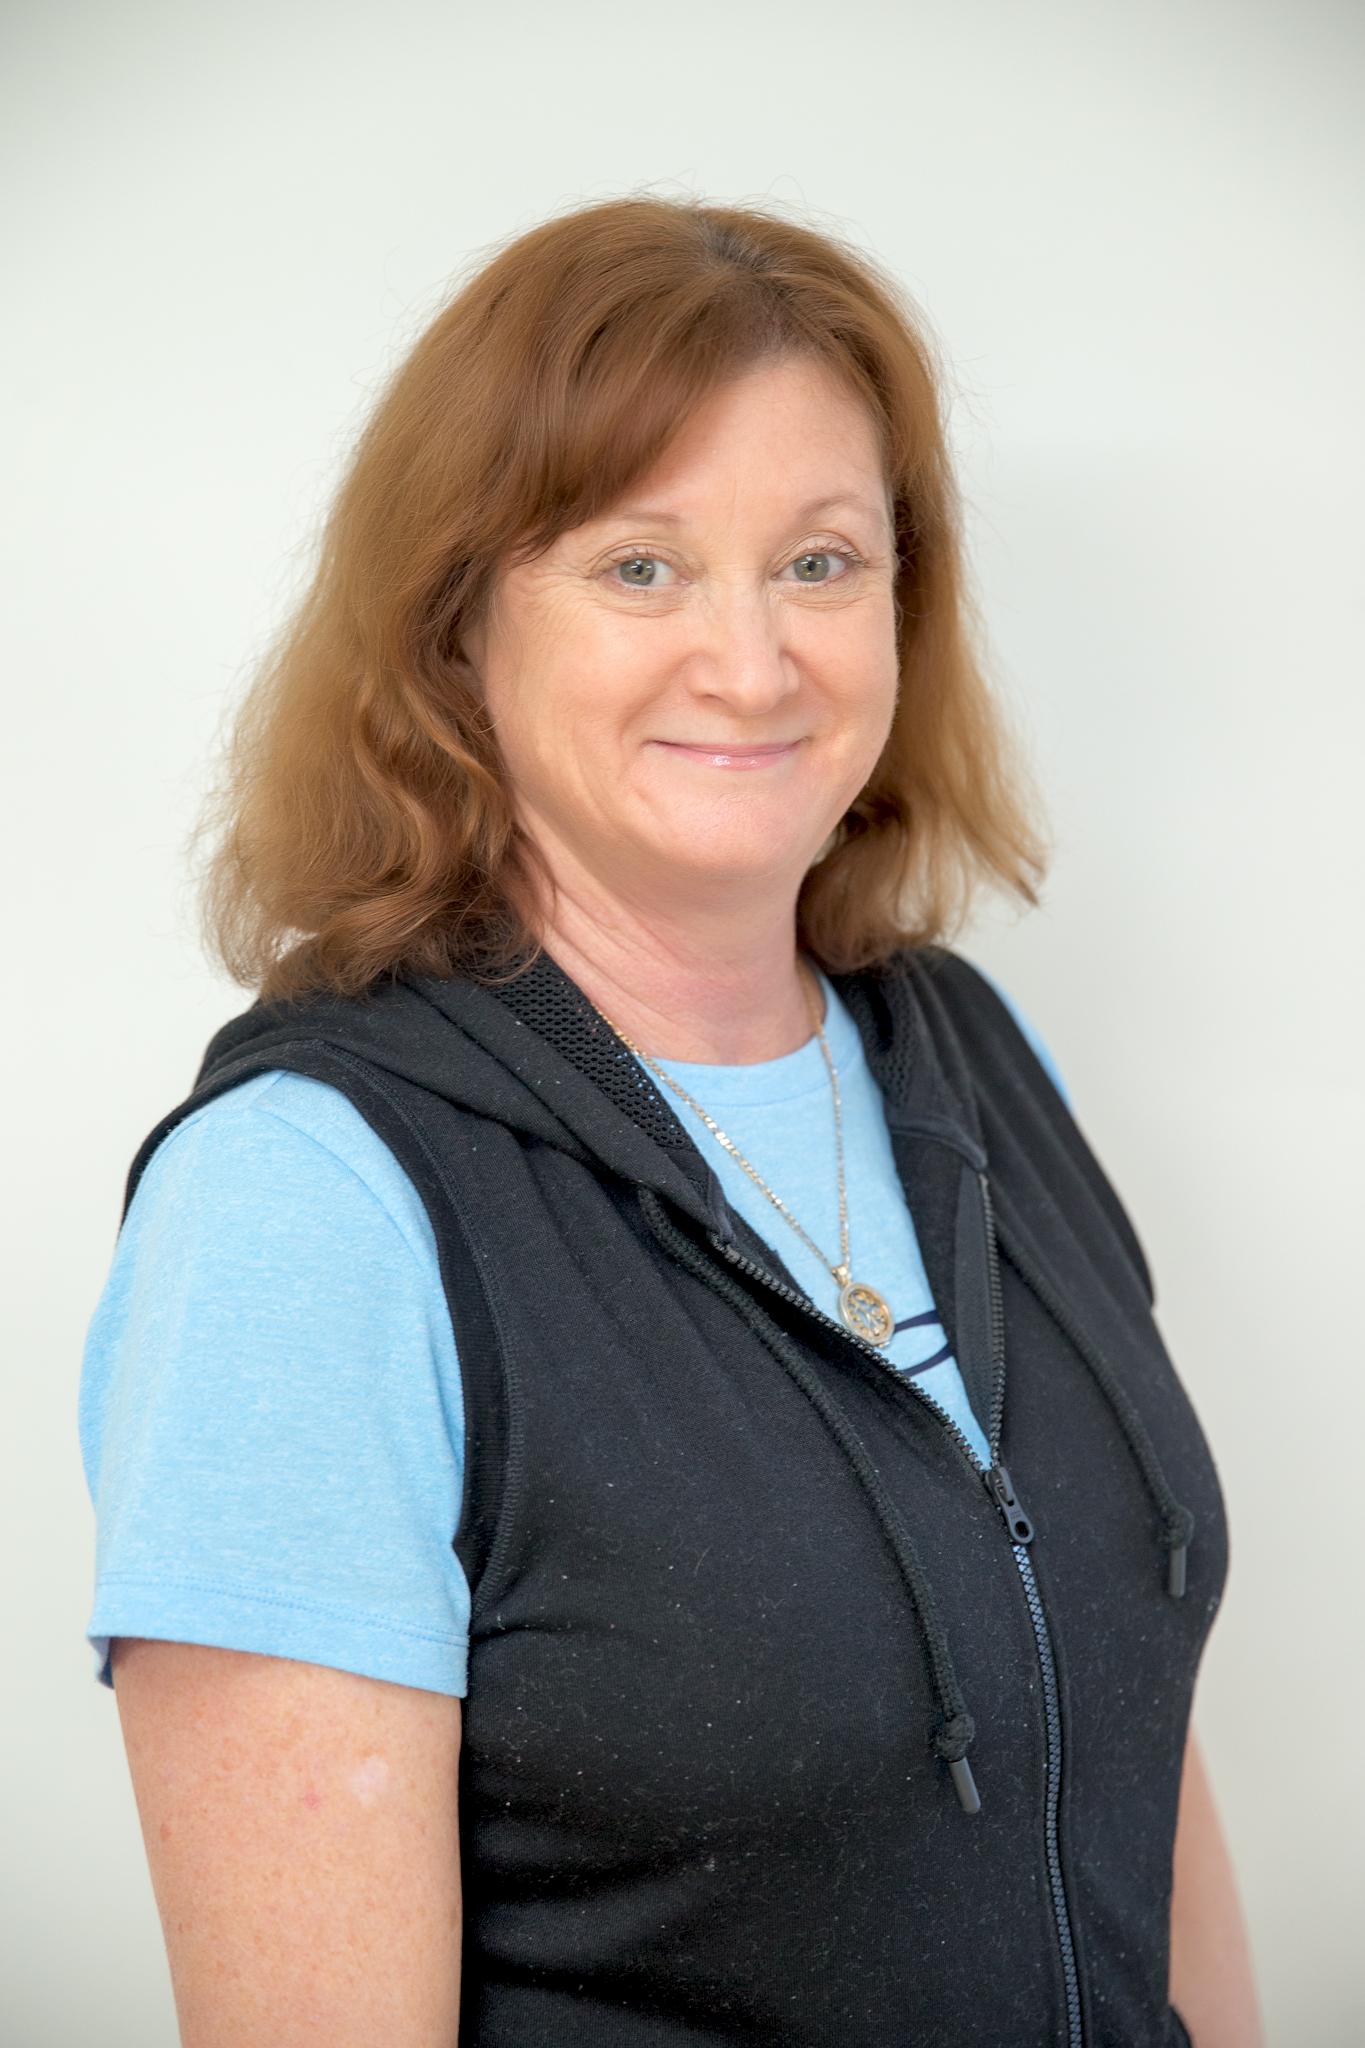 Karen Beattie